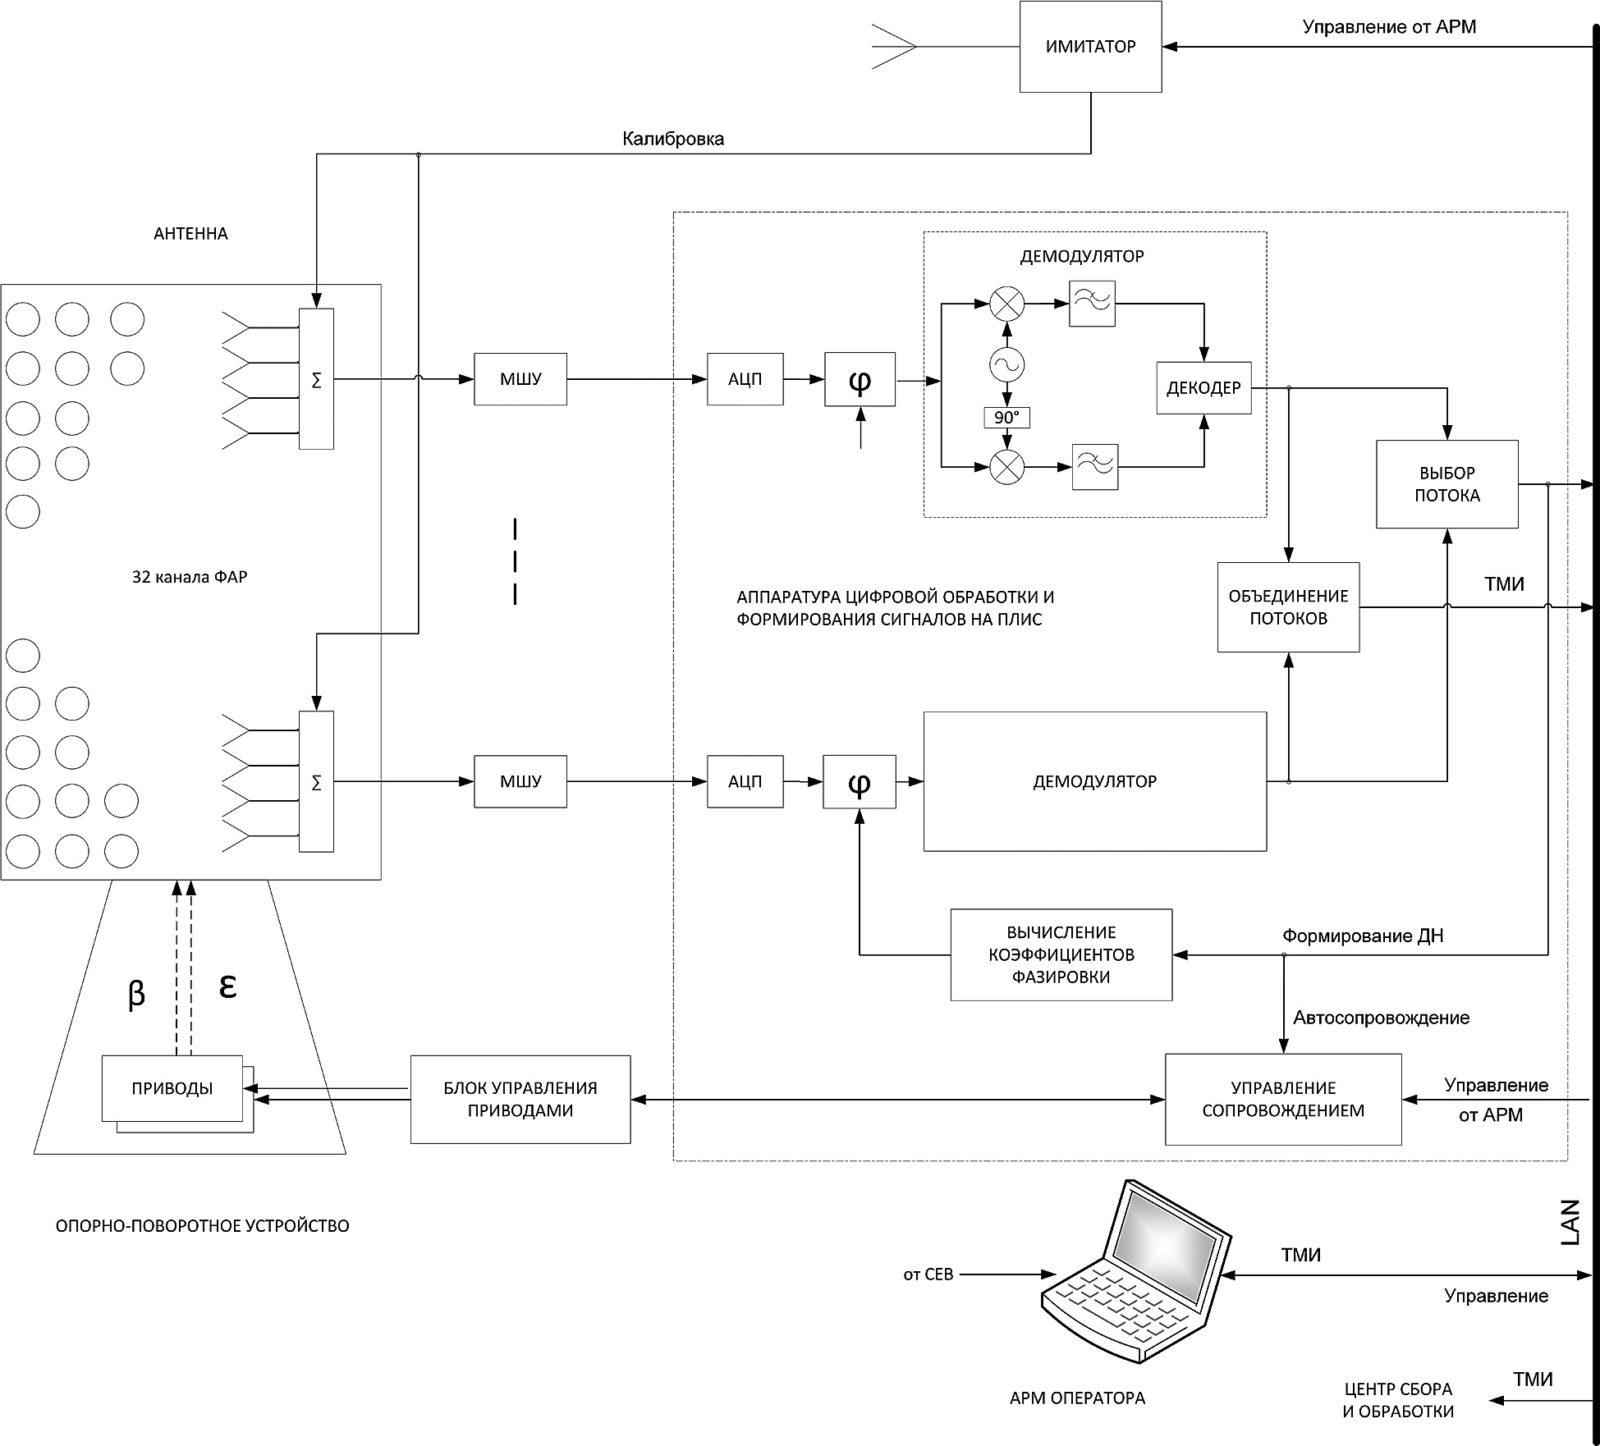 Схема АС на основе ФАР со встроенным цифровым приемником